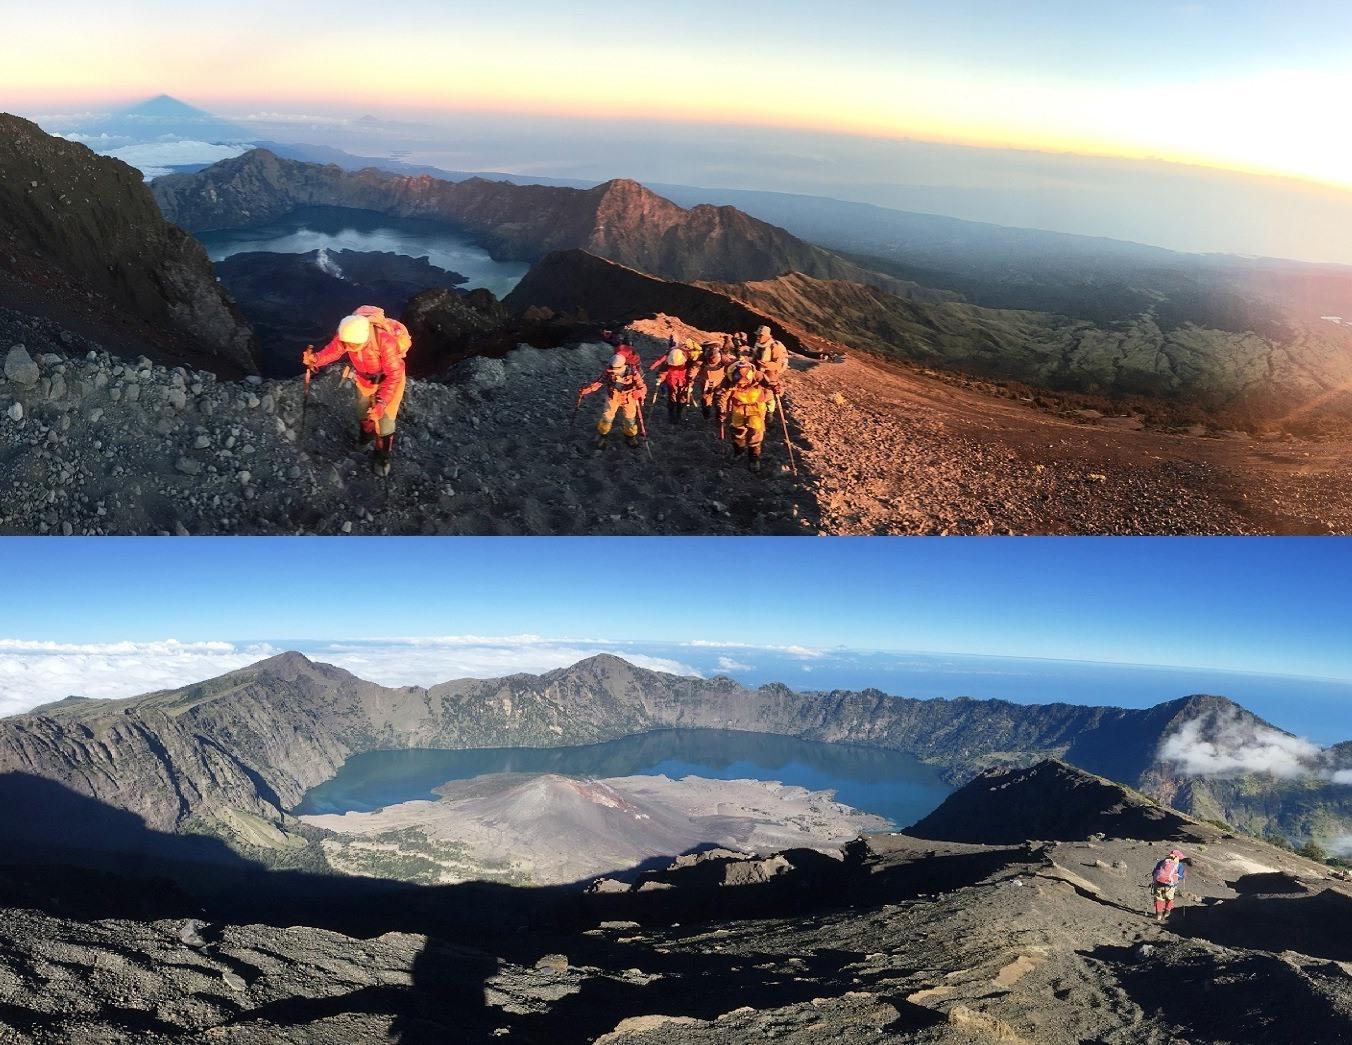 5月17日出発「ロンボク島最高峰リンジャニ山登頂 6日間」